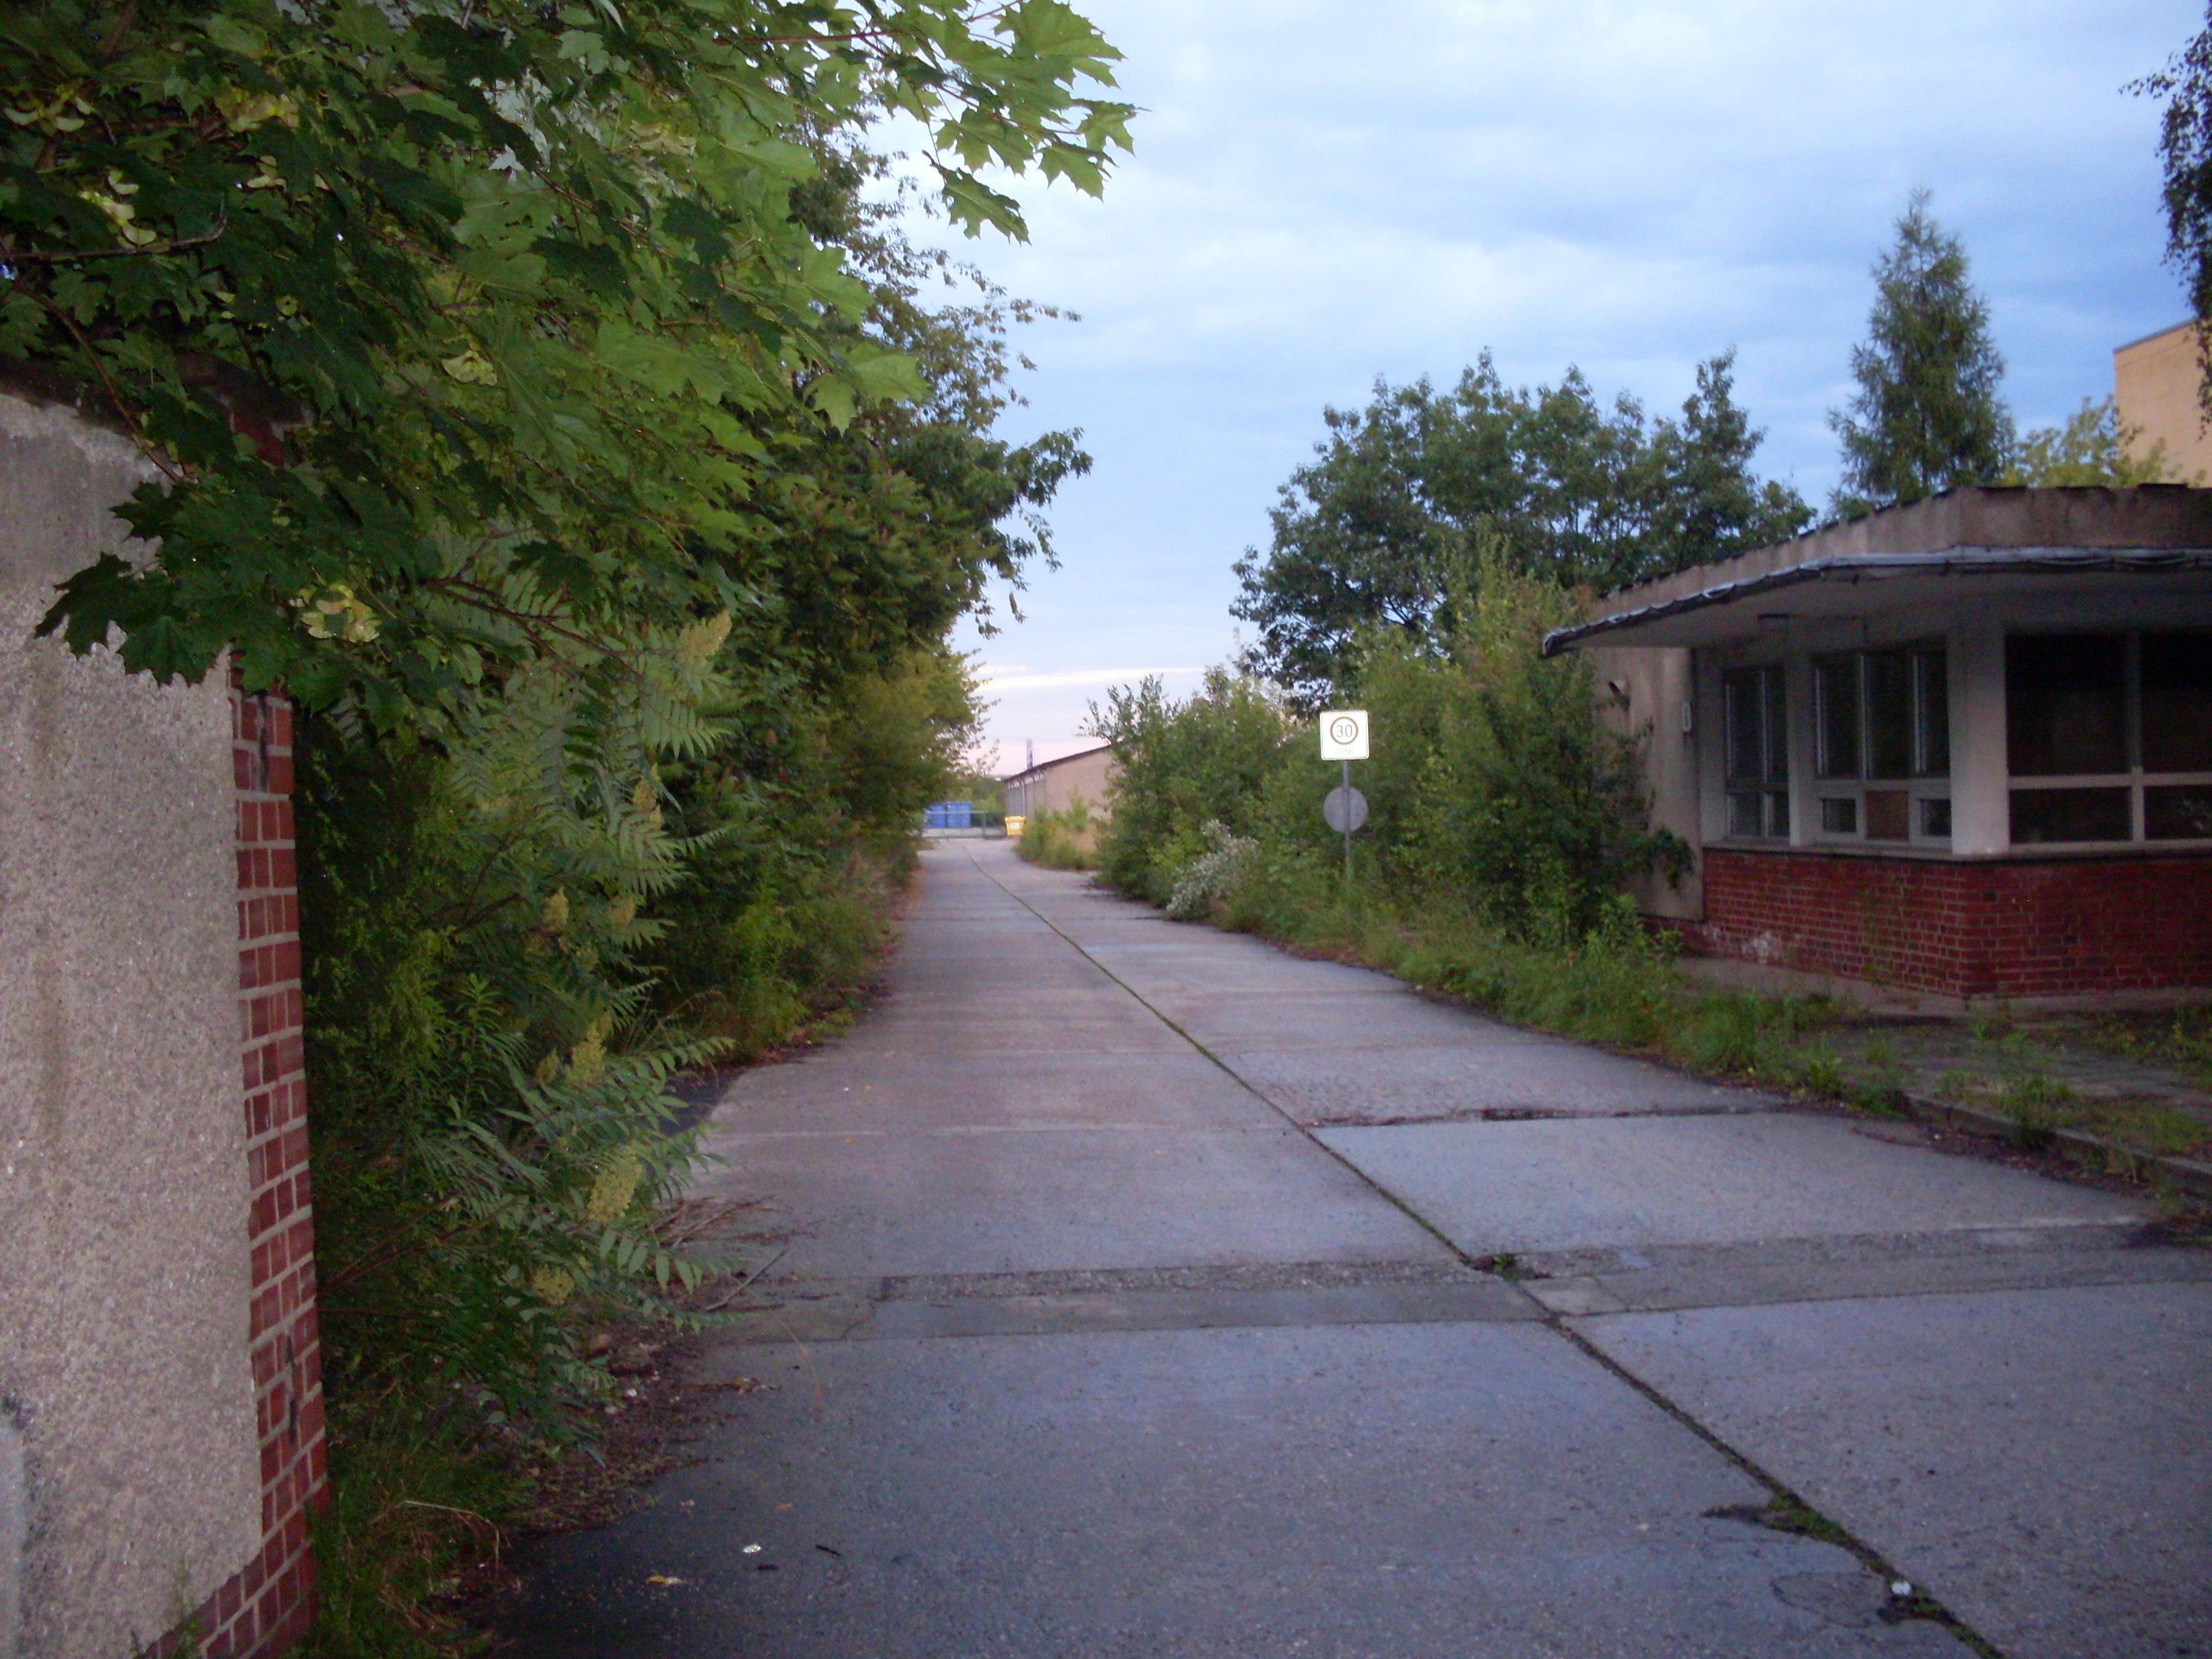 Weg zum Gelände der Wodanstr. 17a